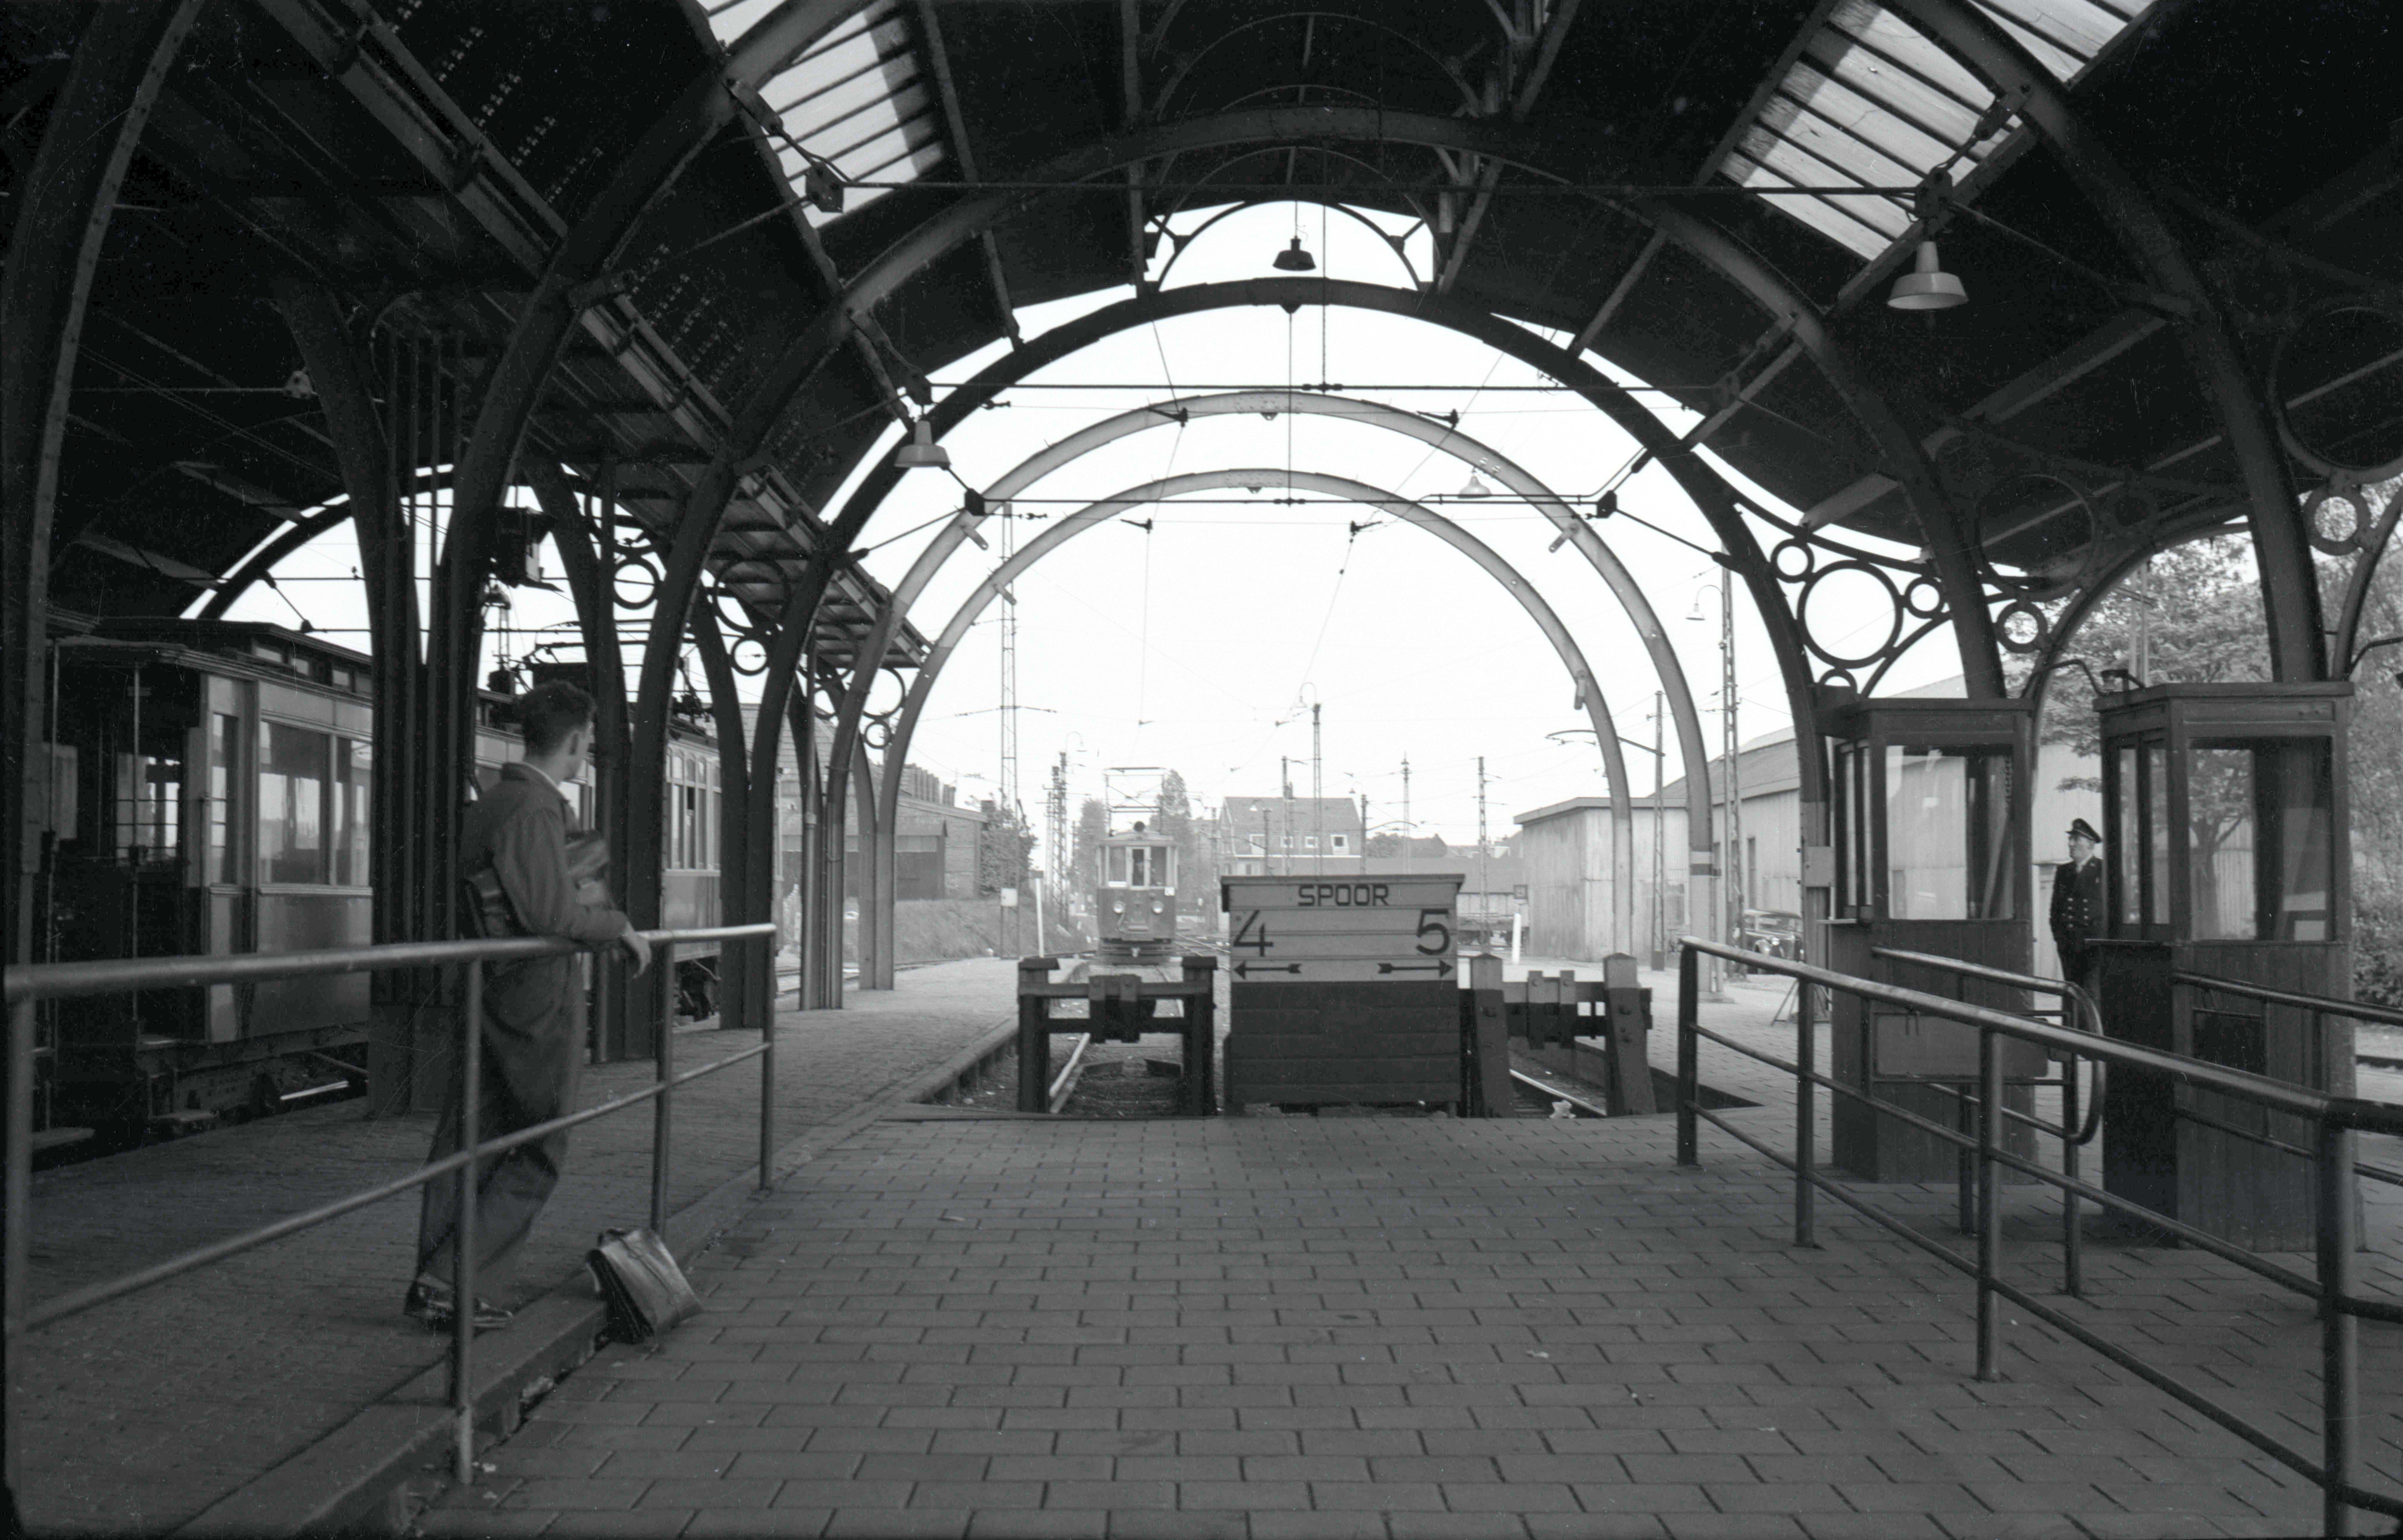 Station het Tolhuis. Op de plek waar nu de IJpleinpont vaart. (Foto: J. v. Engelen)